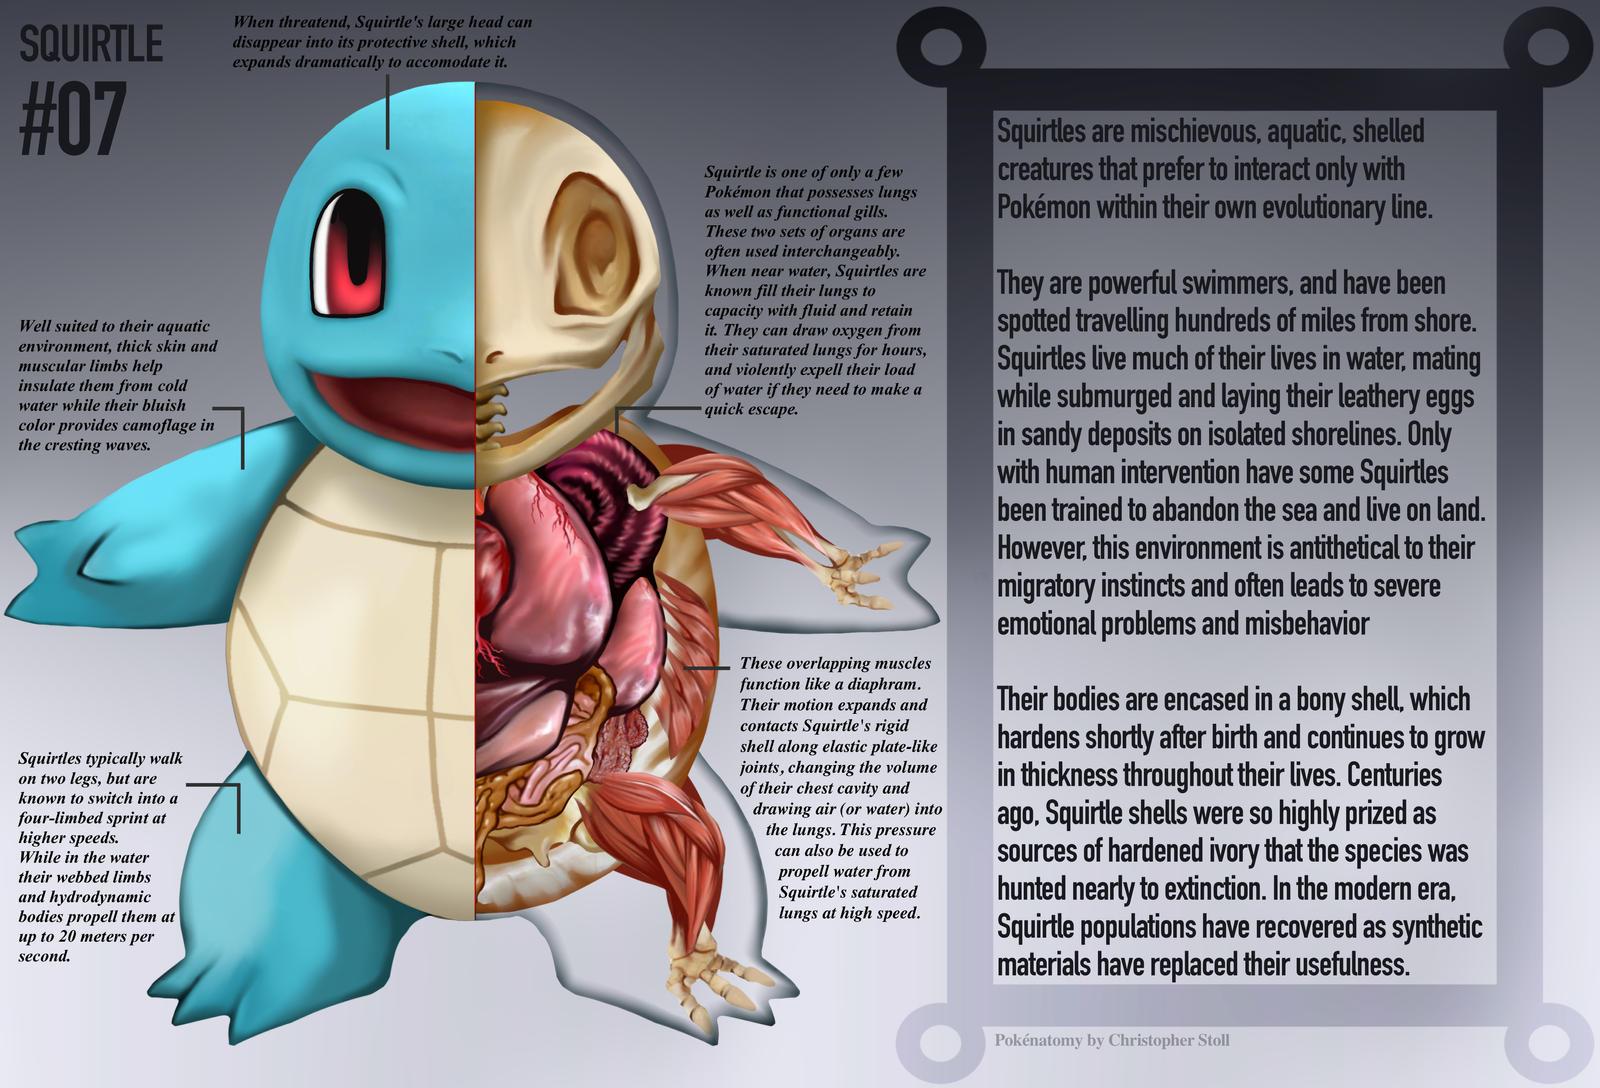 Squirtle Anatomy- Pokedex Entry